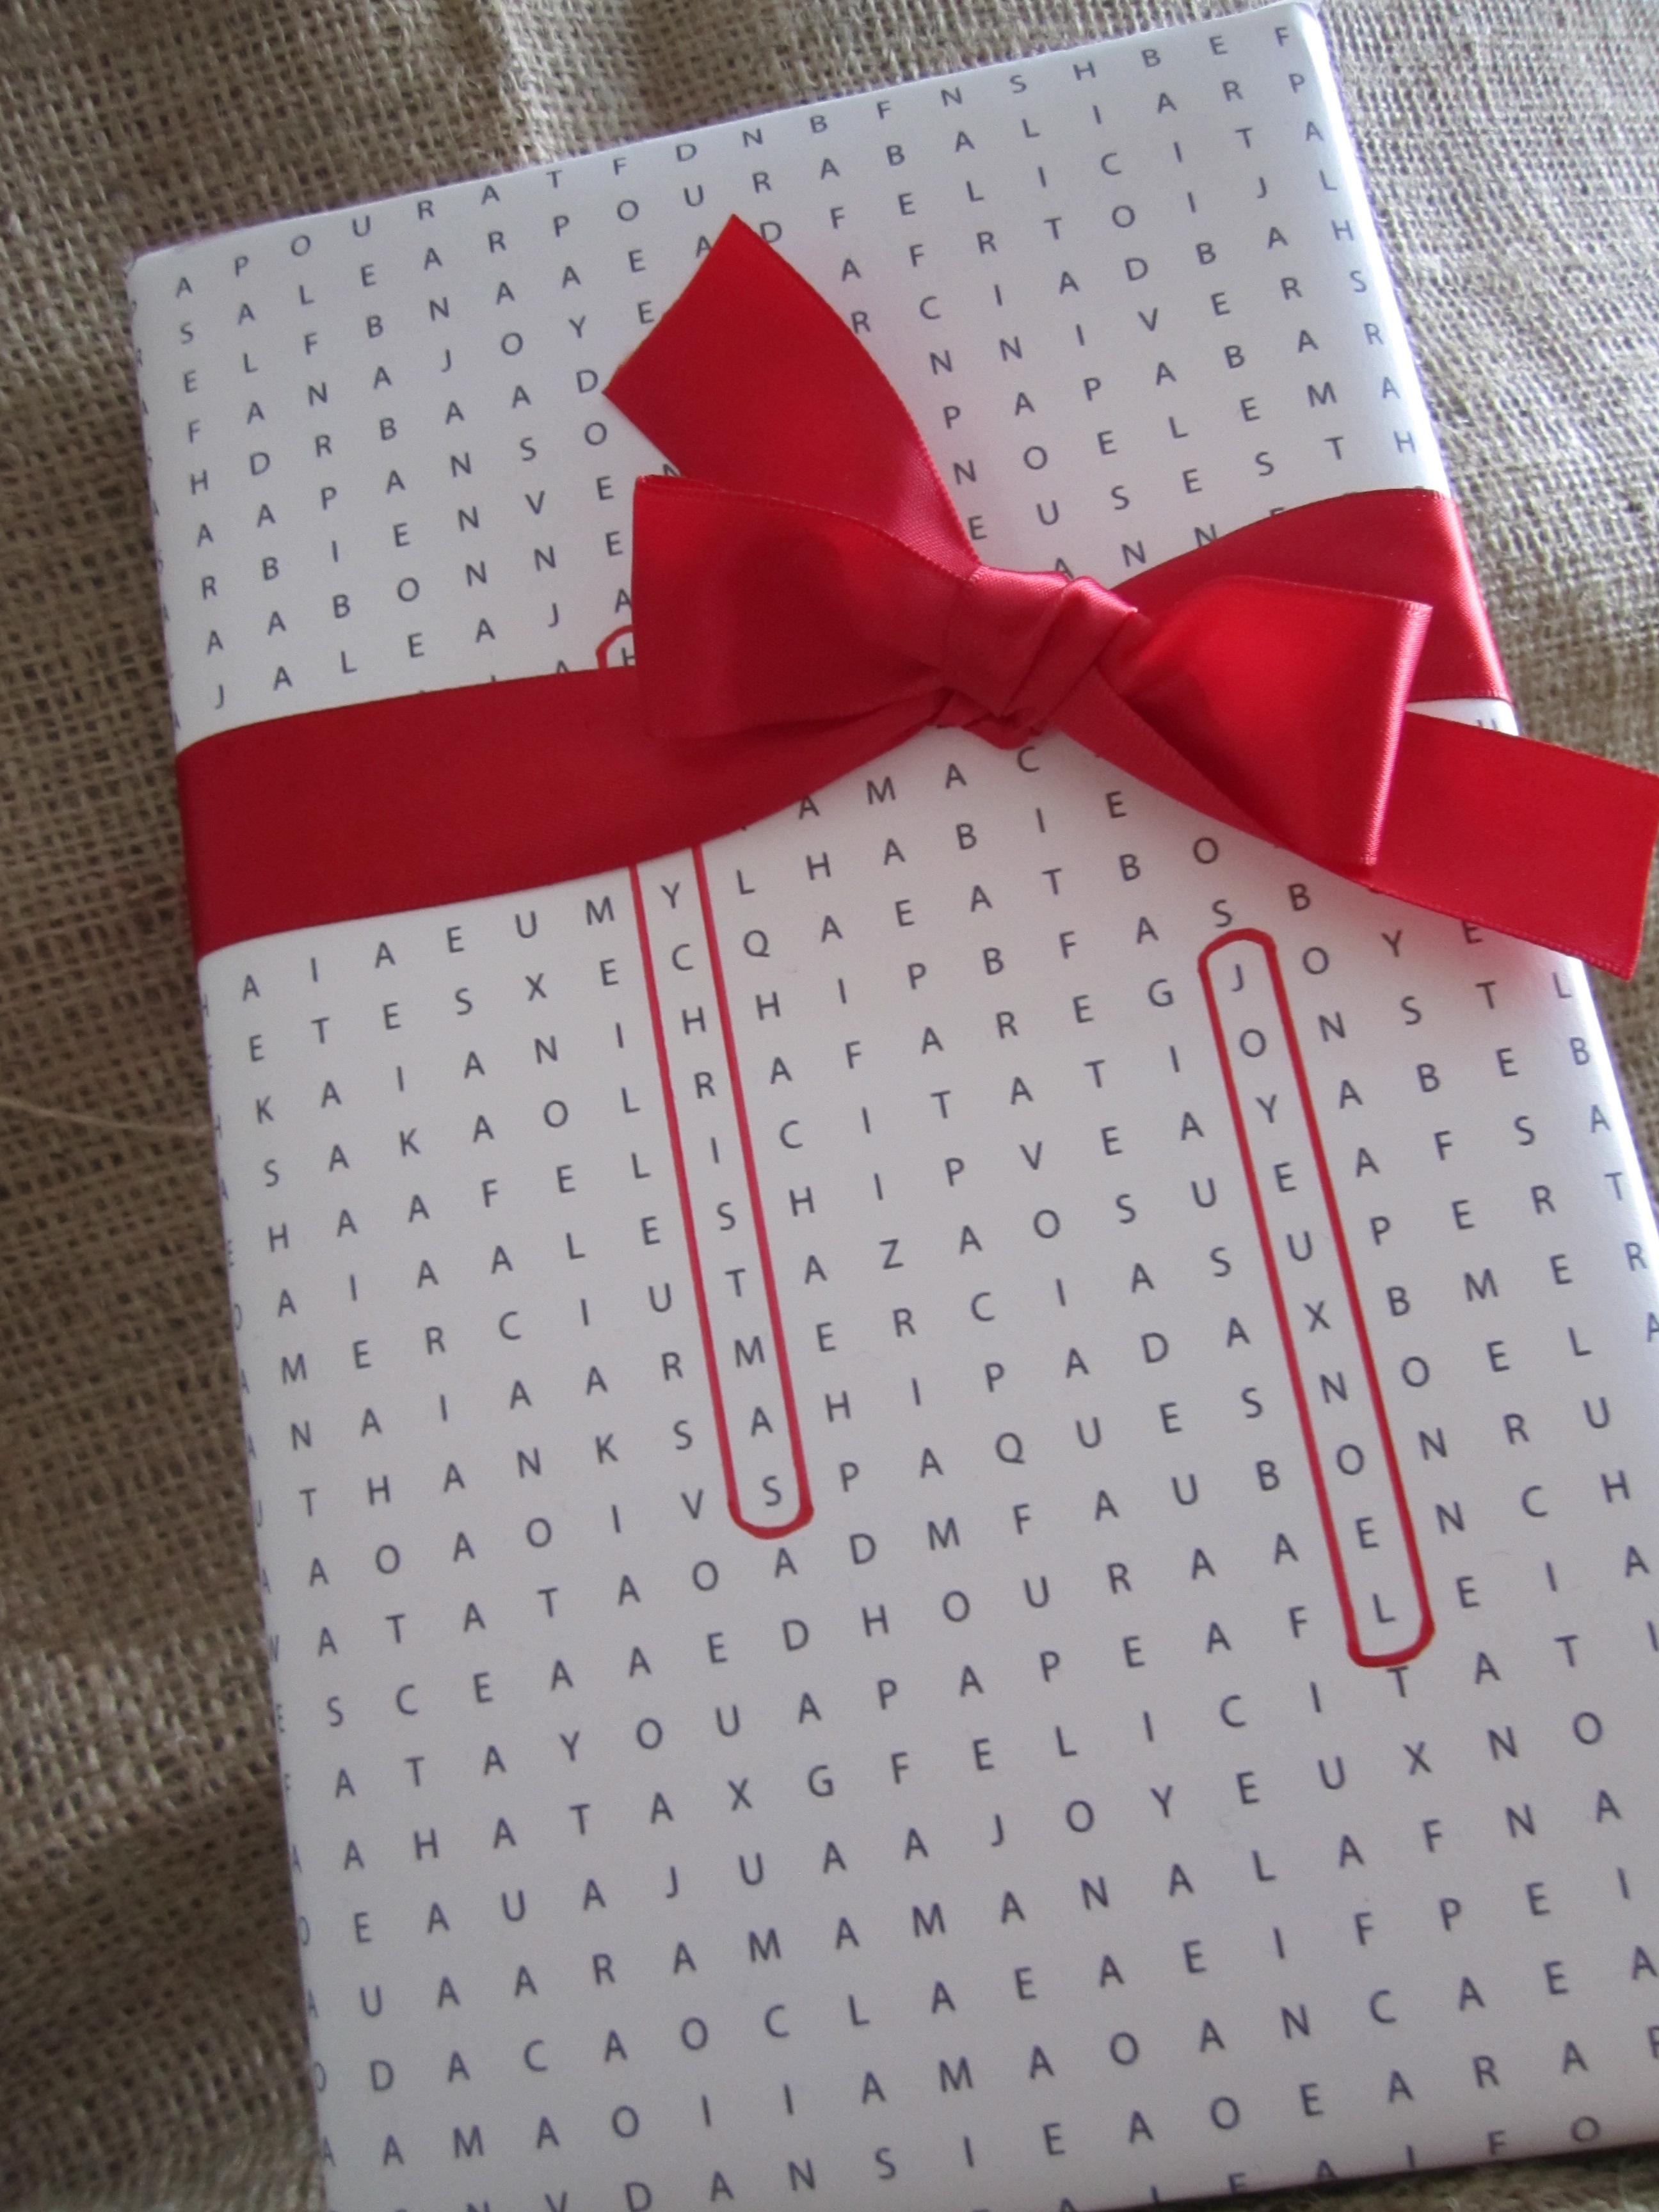 Papier Cadeau Mots Crois S Des Papiers Et Des Papilles